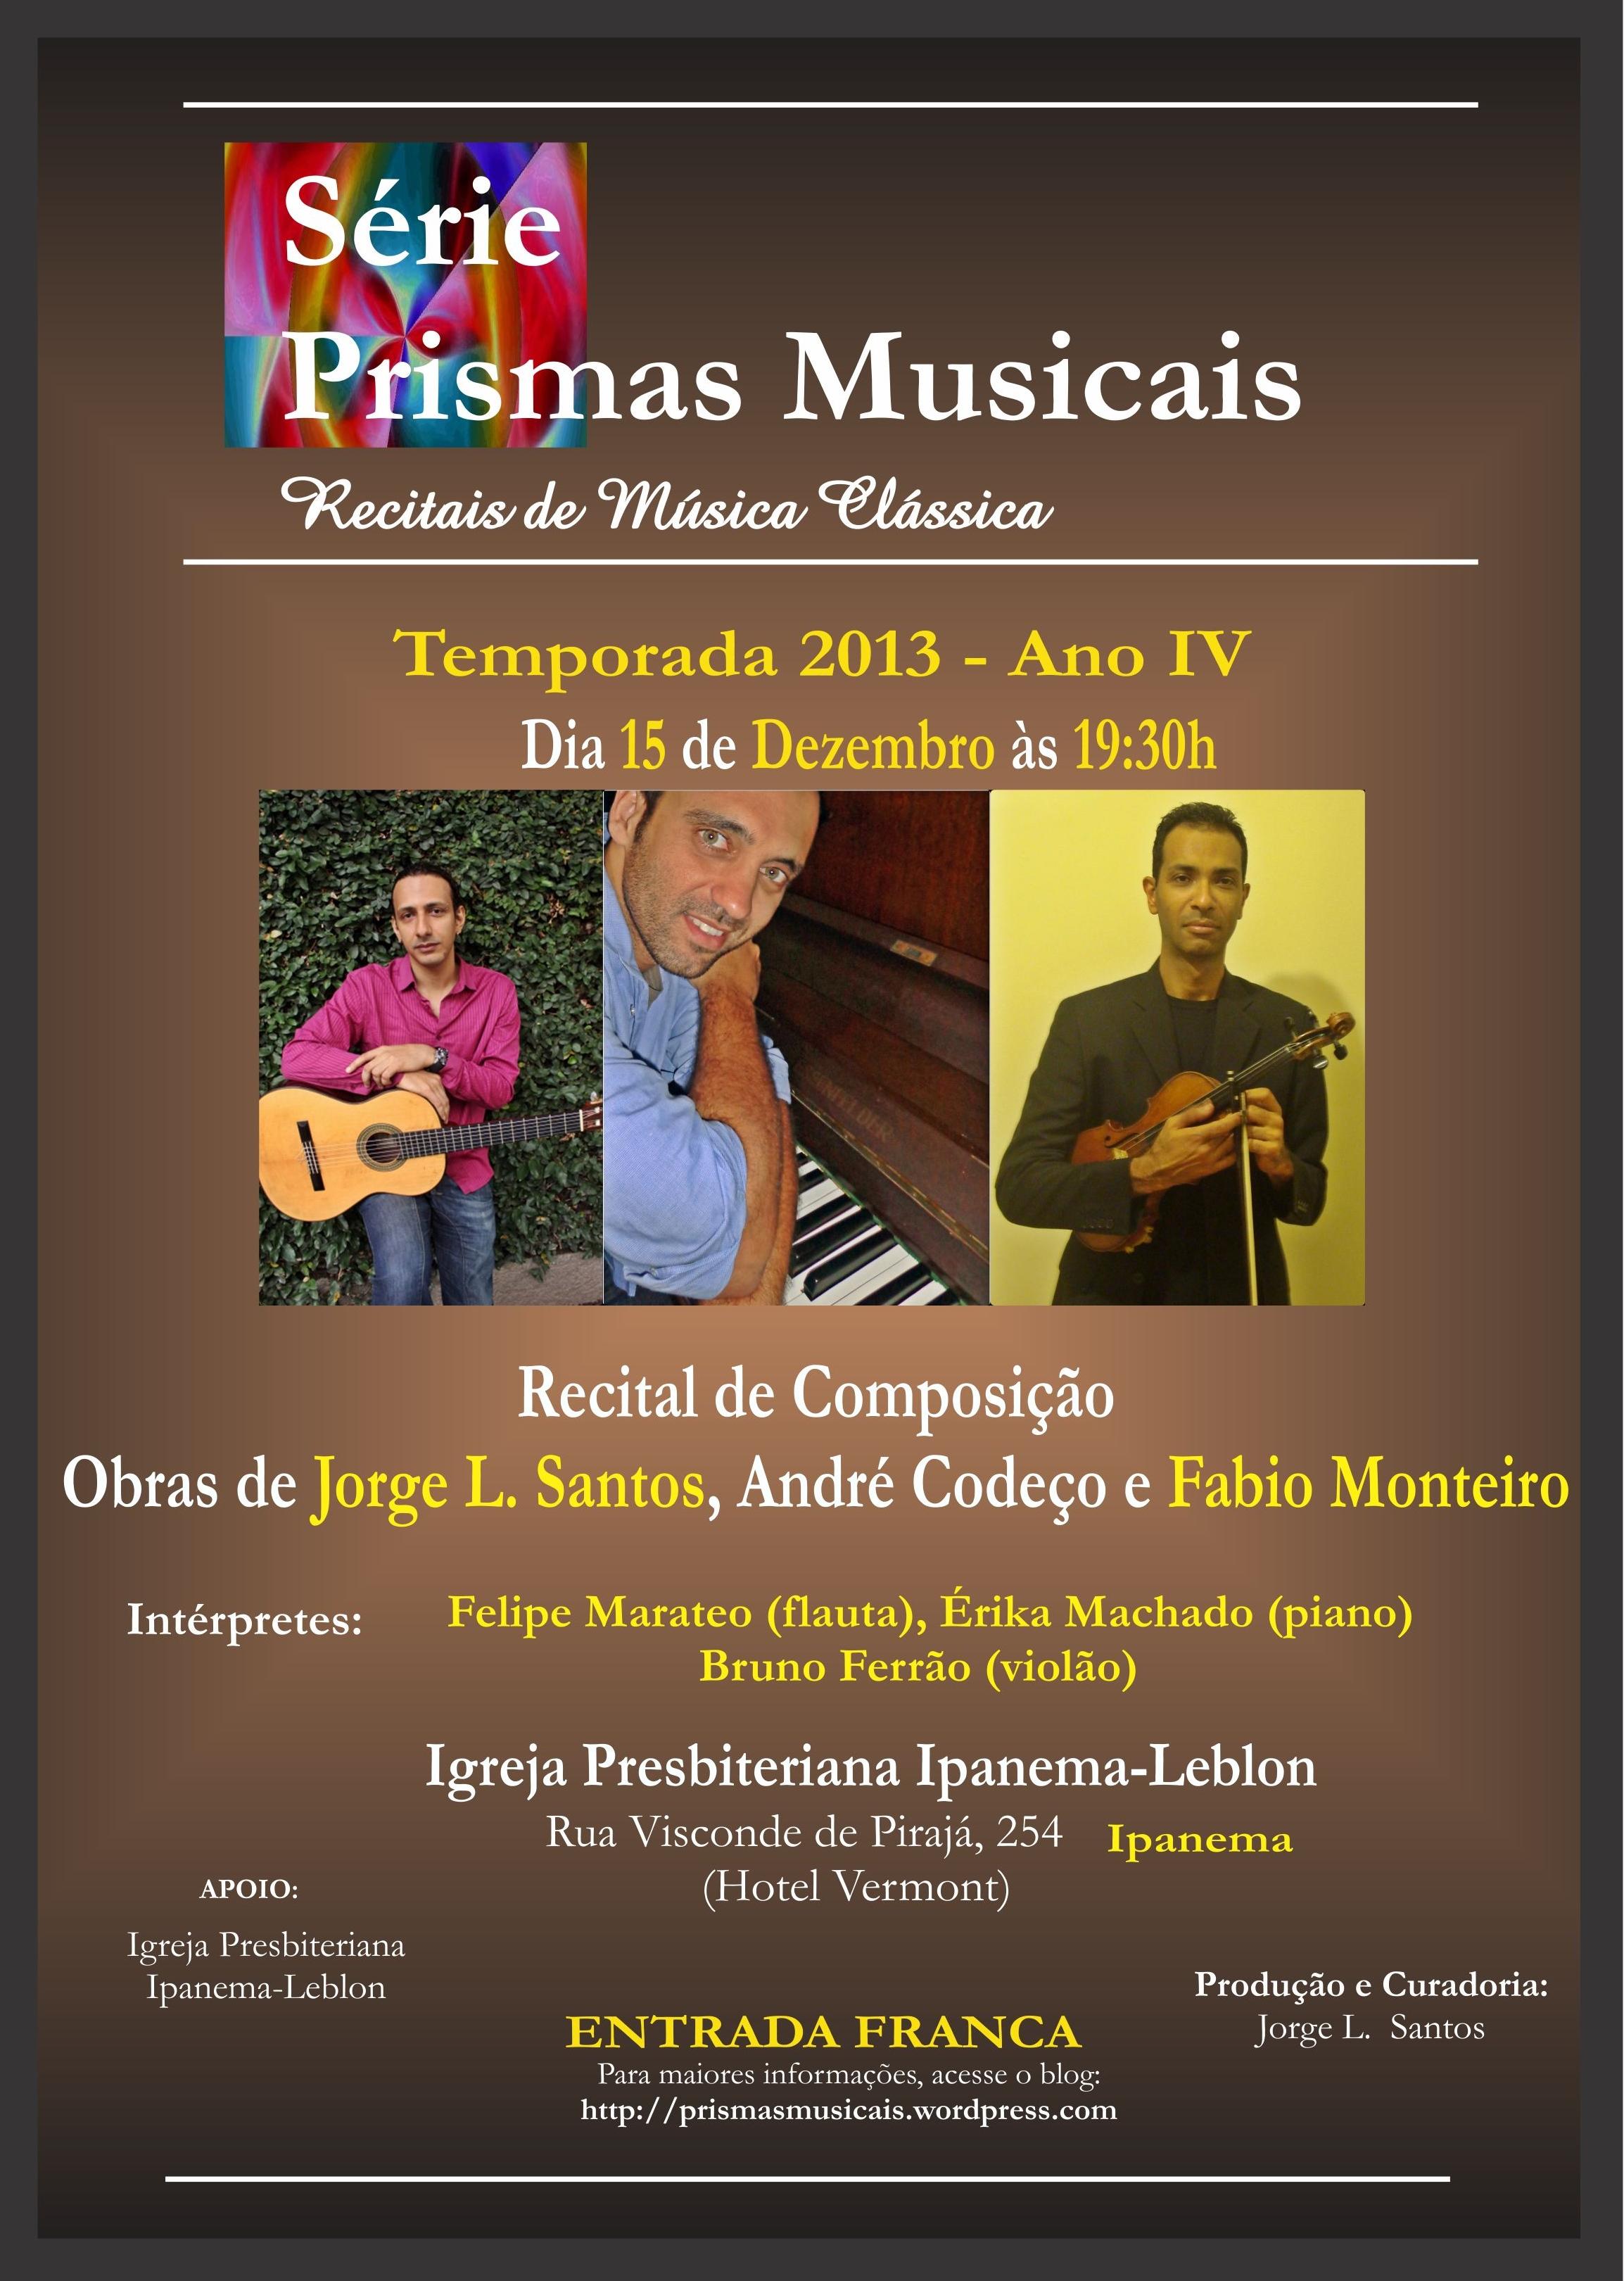 Recital com obras minhas no Domingo dia 15.12